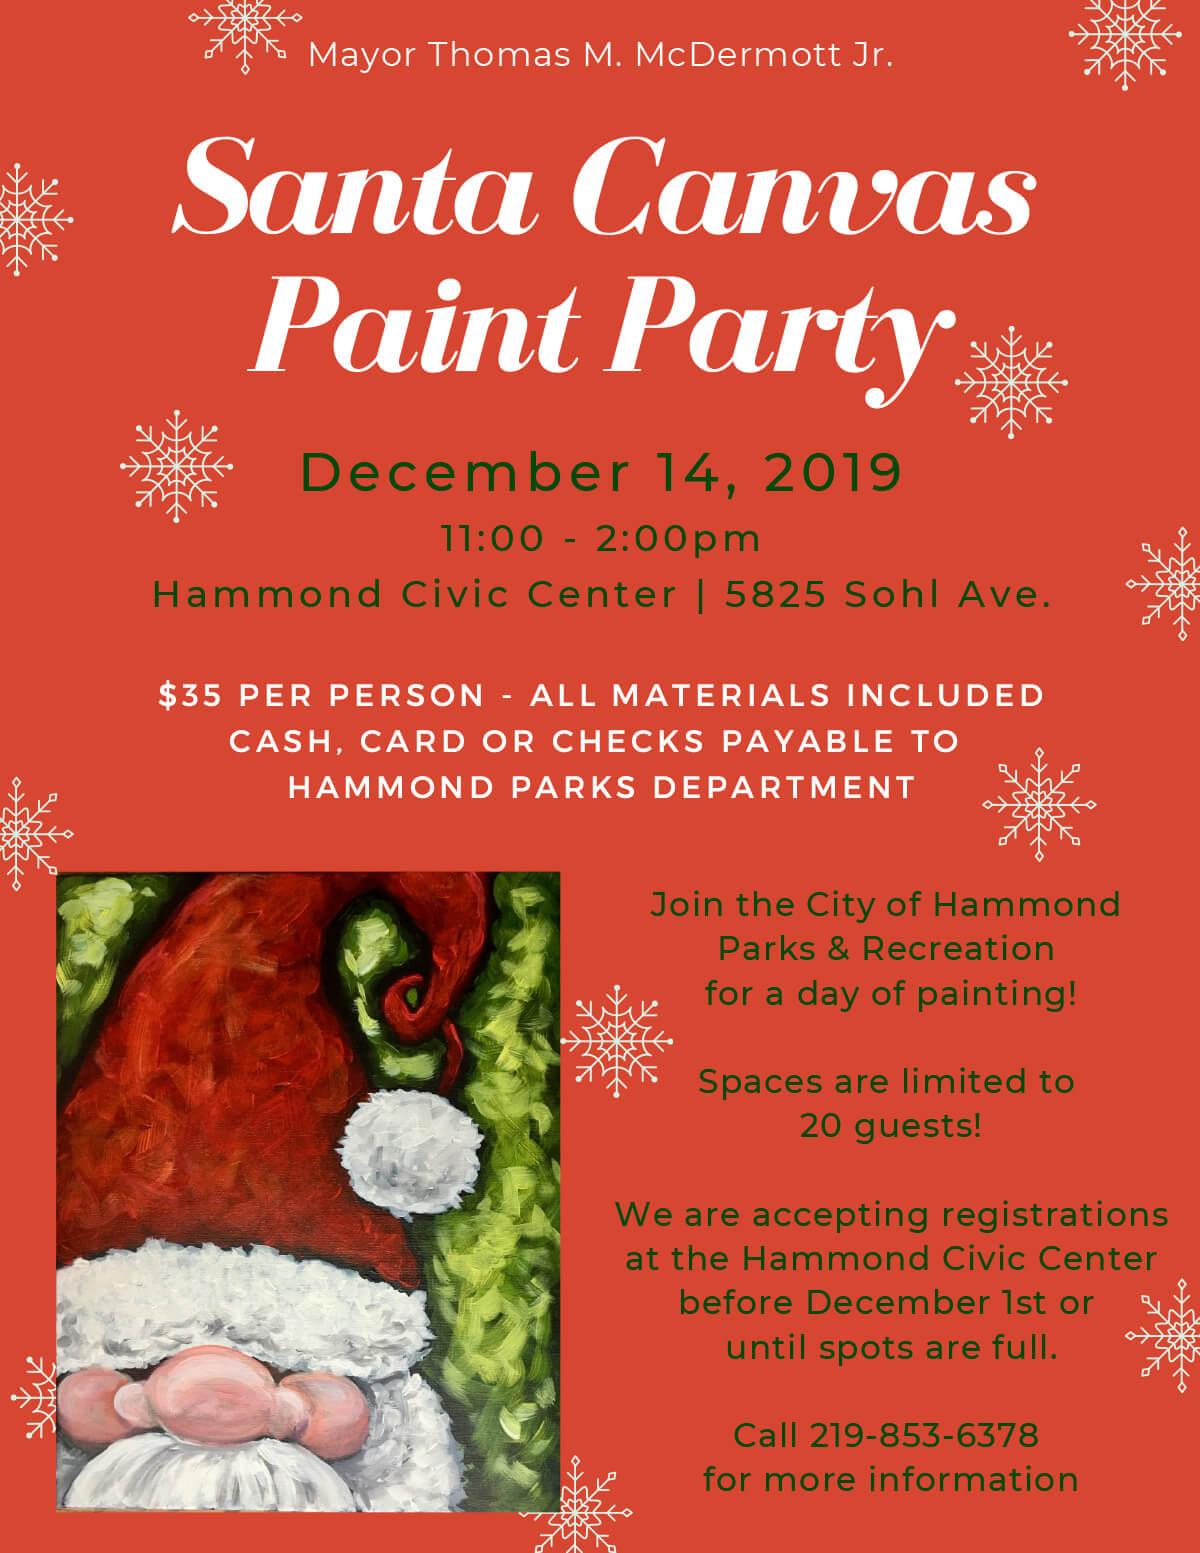 Santa Canvas Paint Party